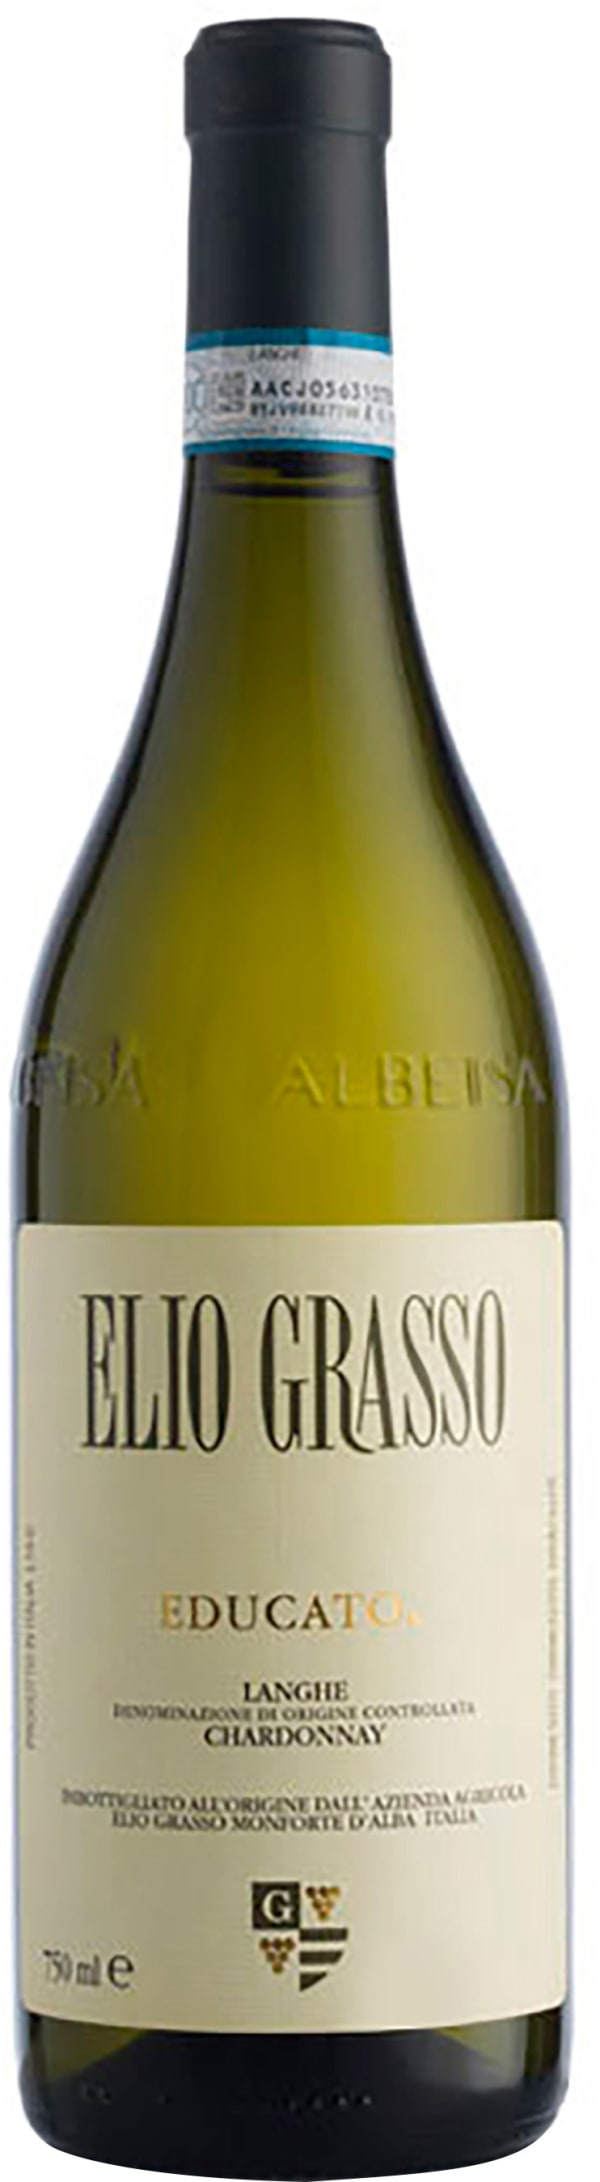 Elio Grasso Educato Chardonnay 2018